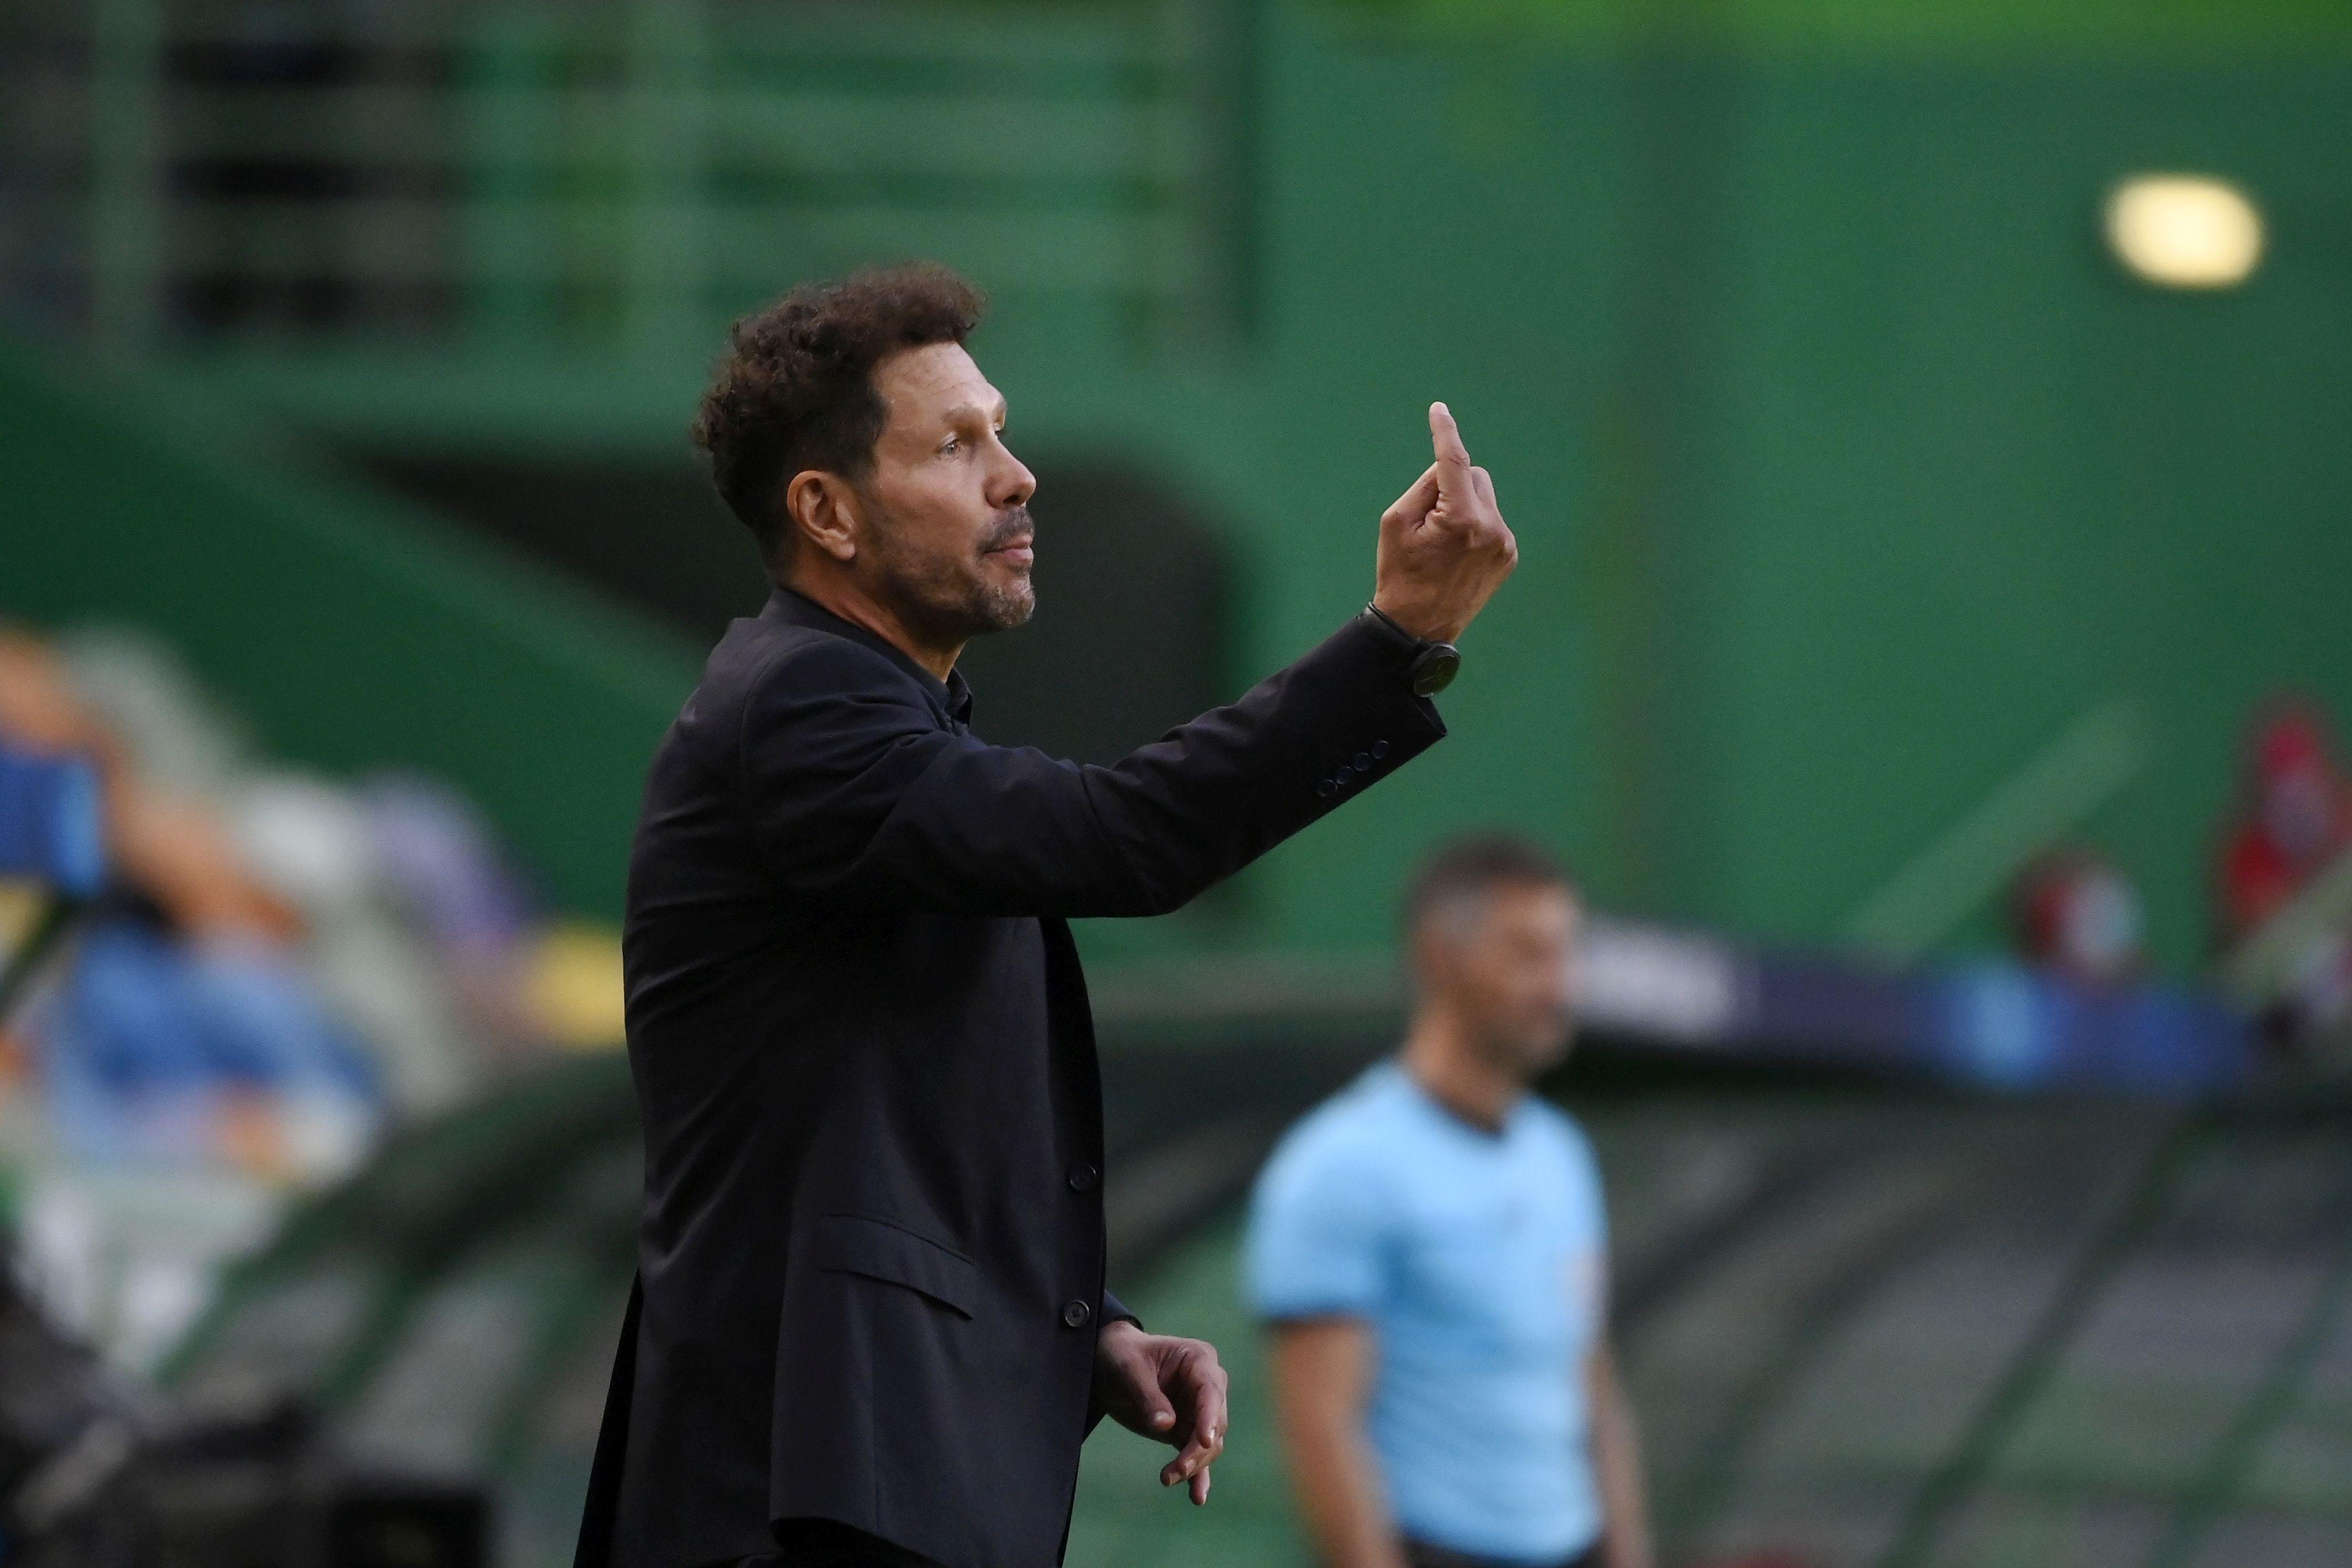 Треньорът на Атлетико Мадрид Диего Симеоне трудно преглътна загубата с